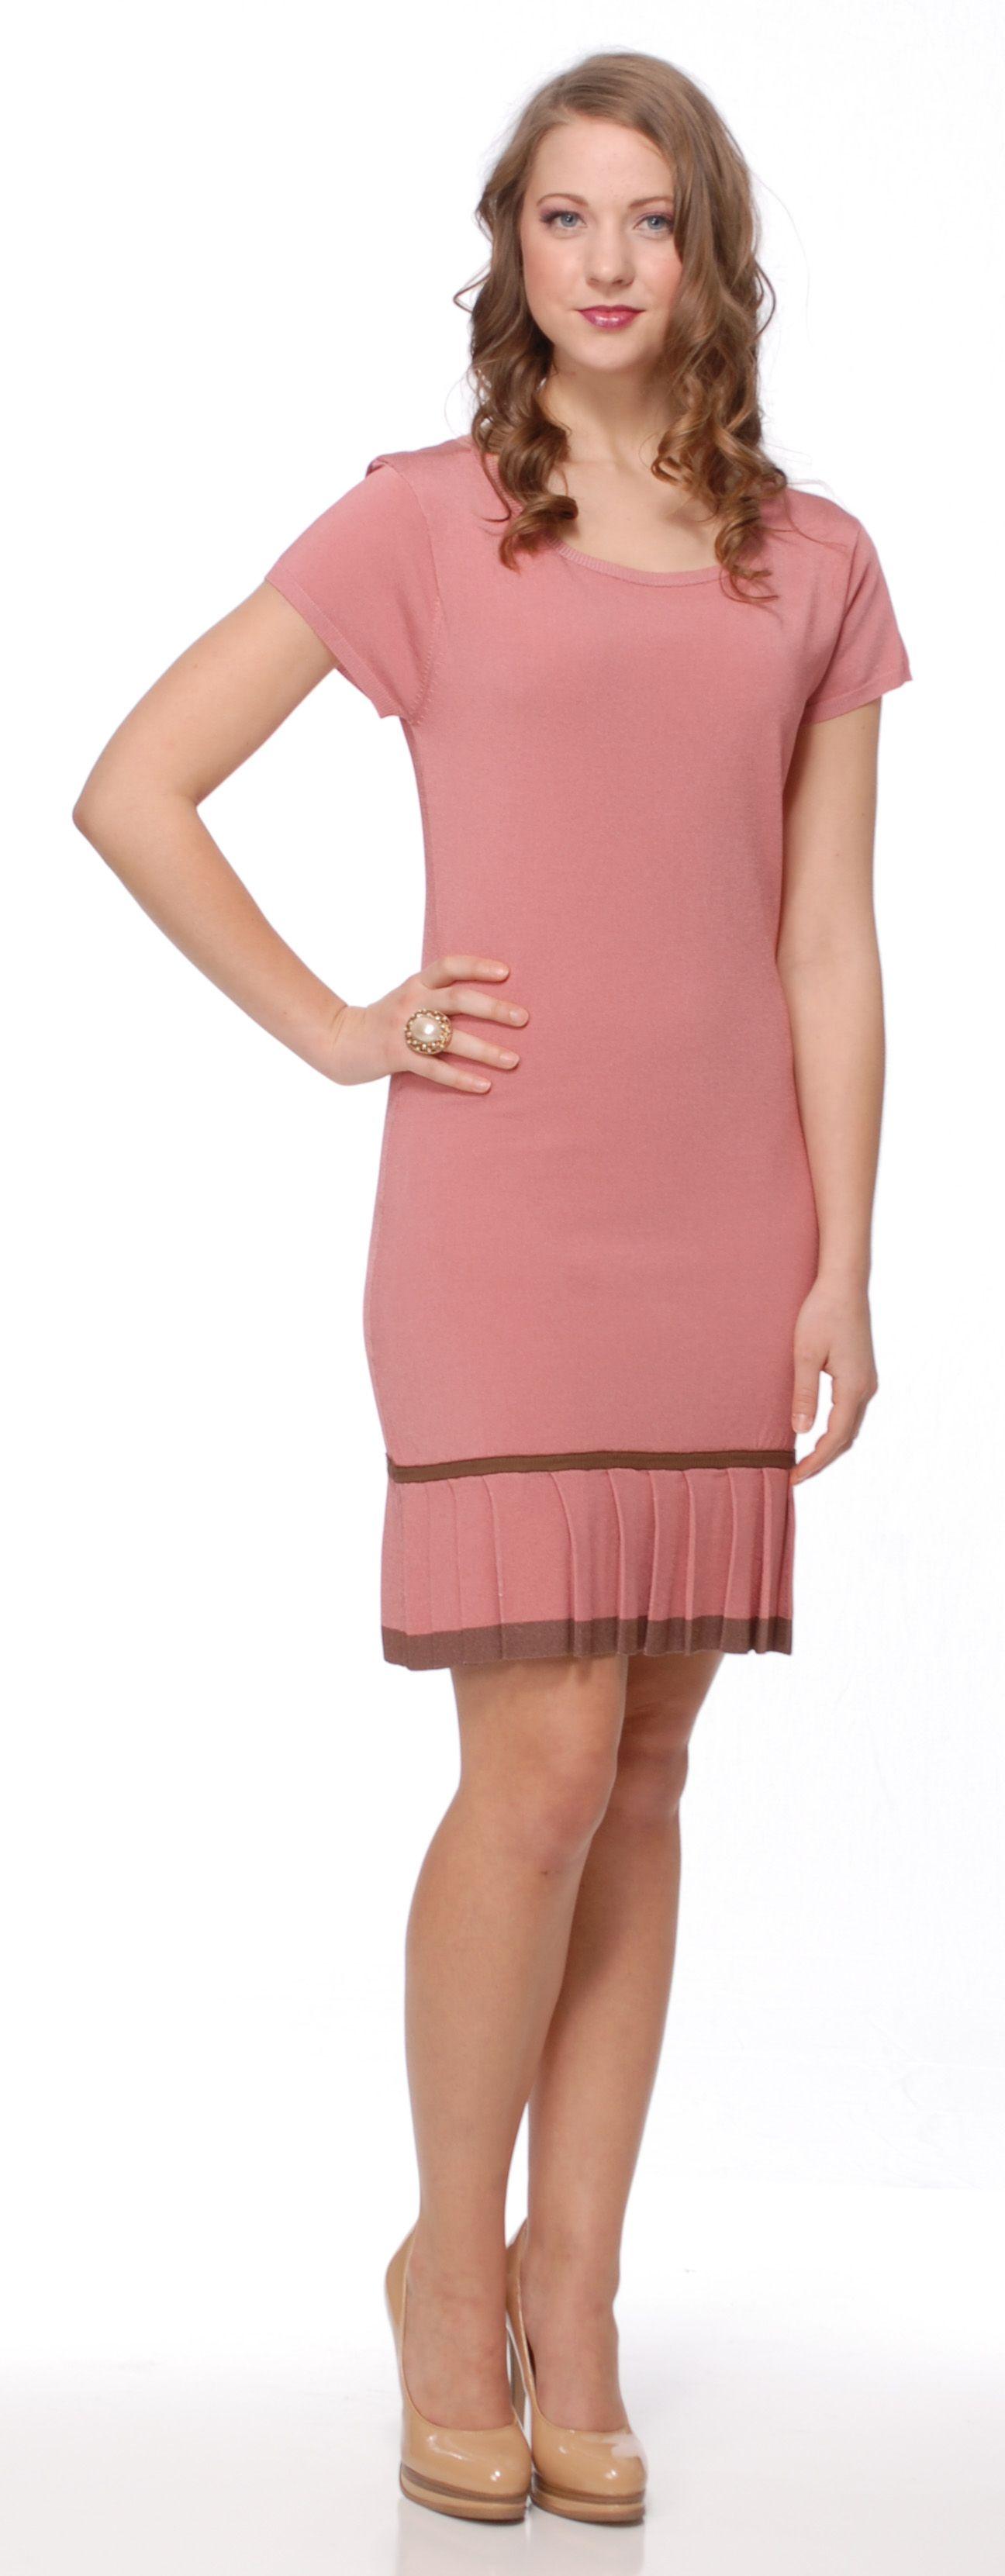 Fantástico Vestido De Fiesta Increíble Ornamento - Ideas de Vestido ...